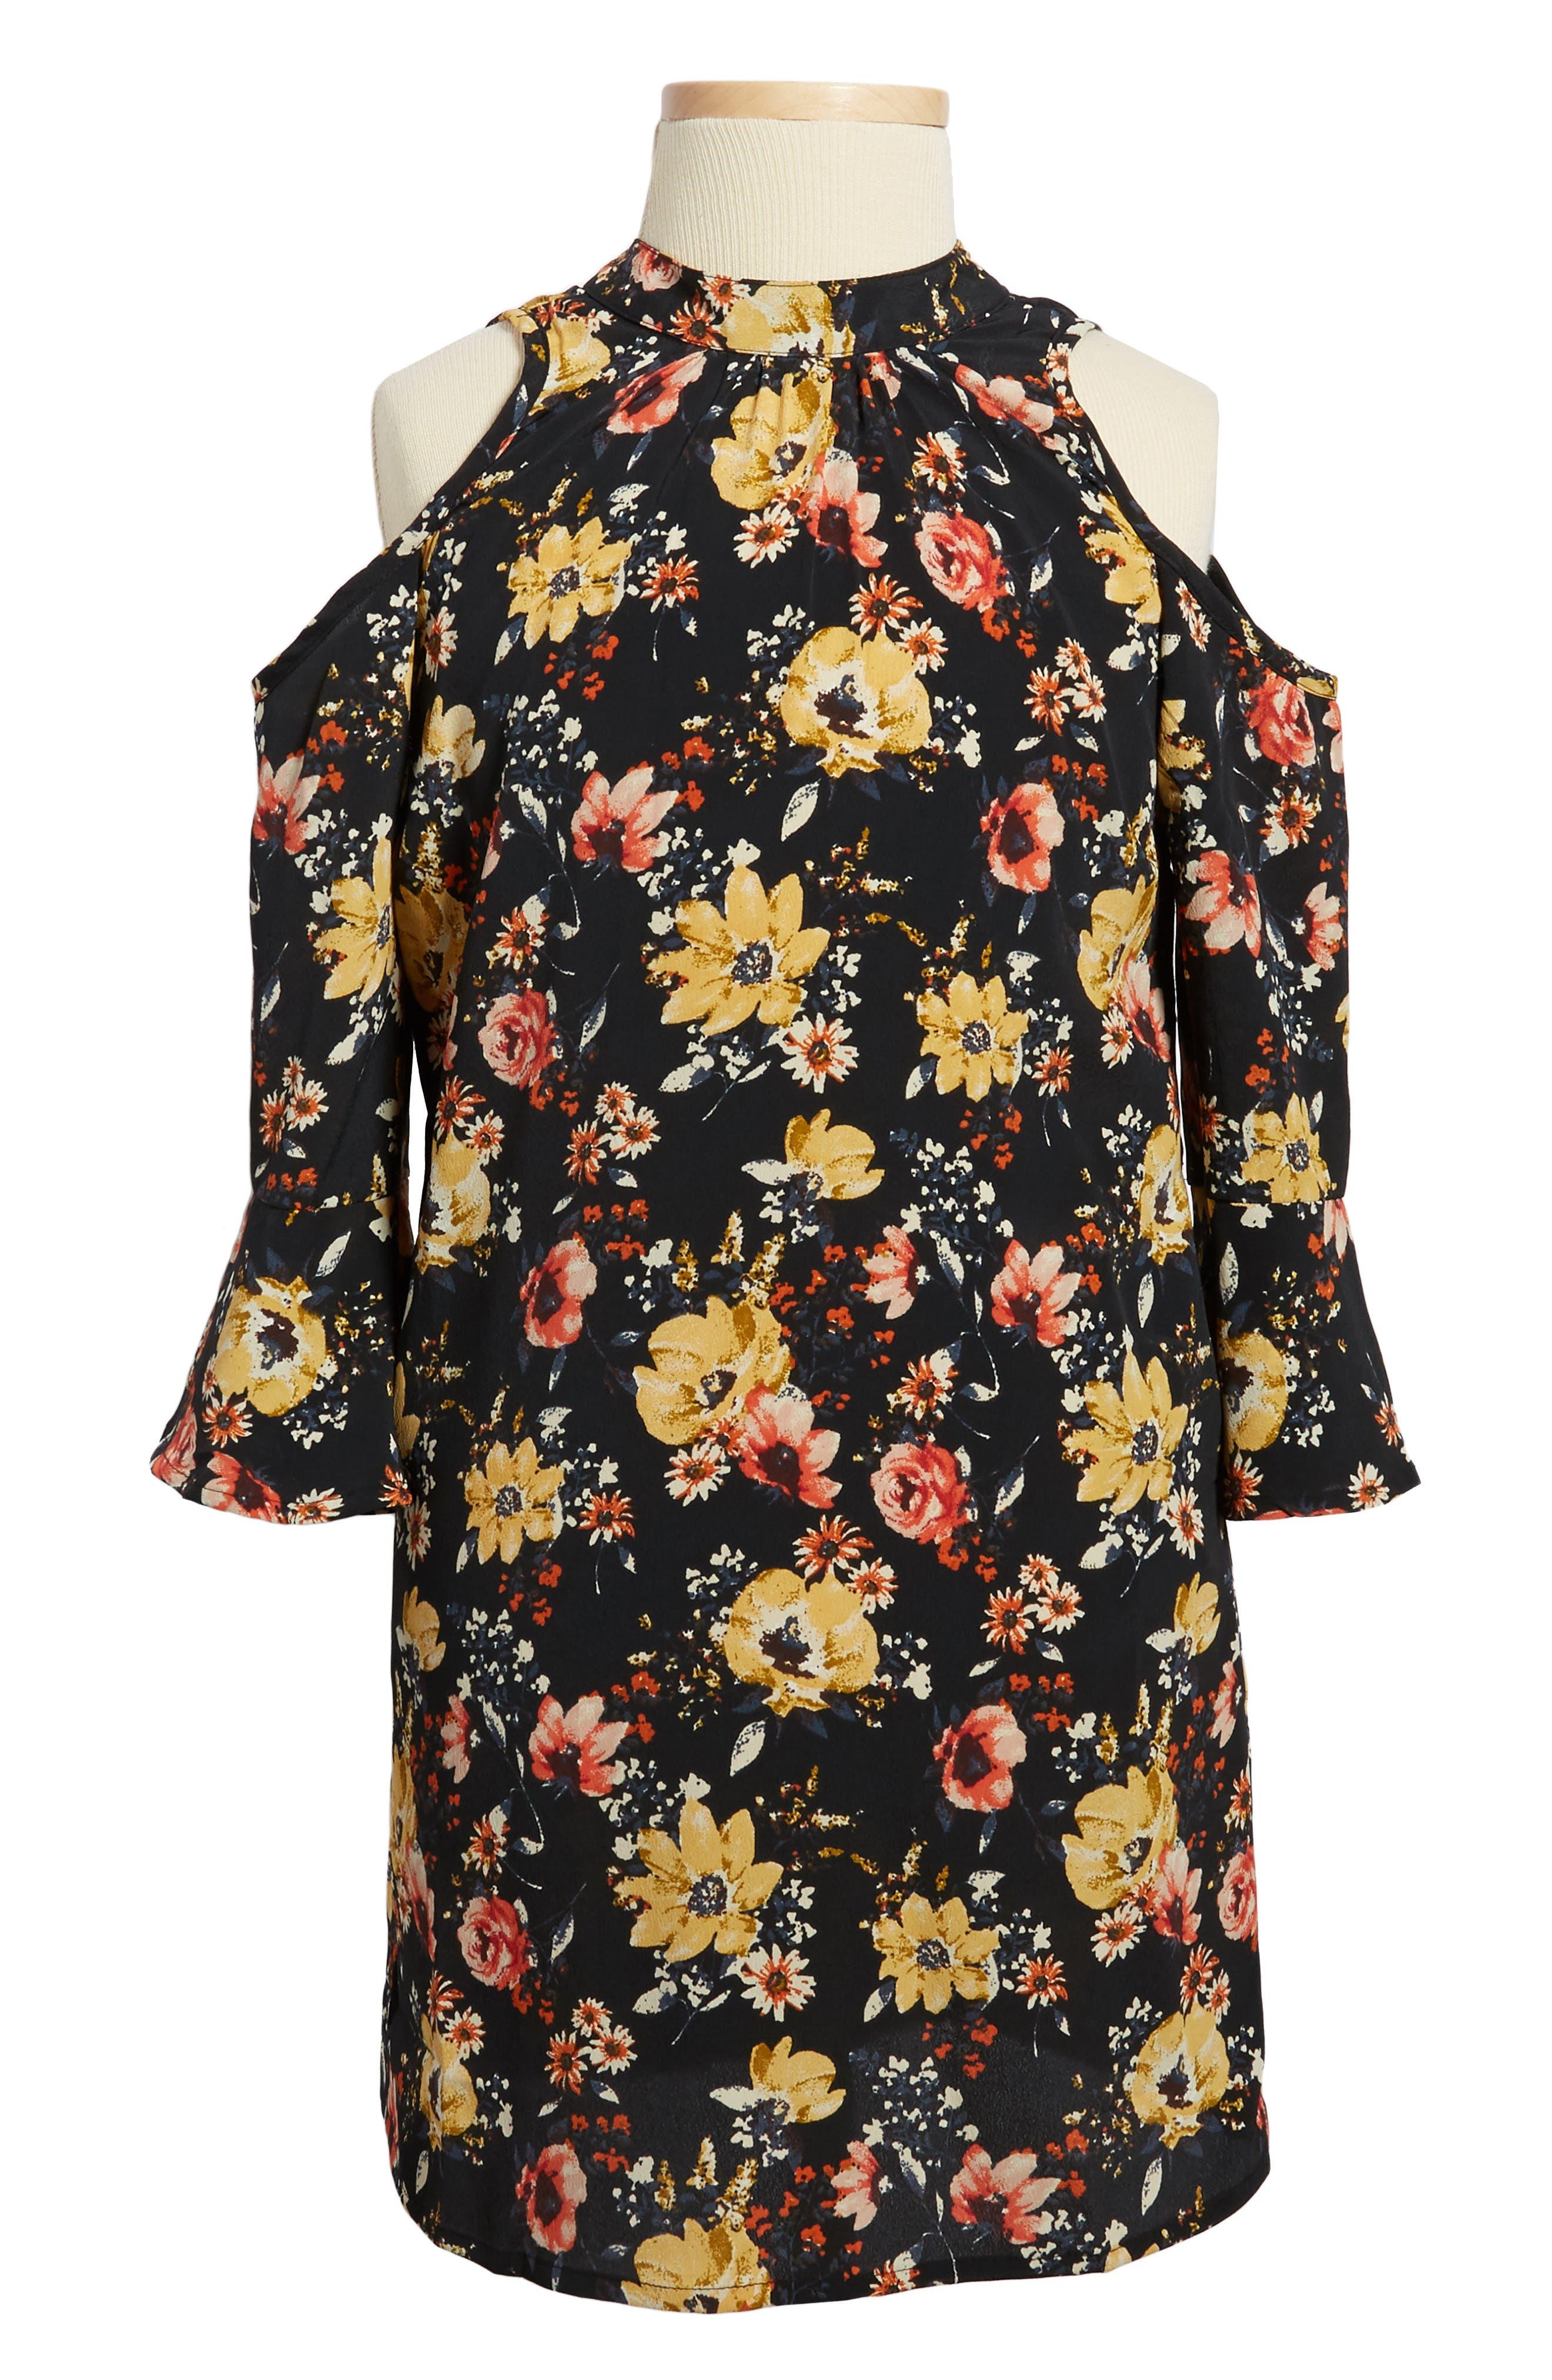 Alternate Image 1 Selected - Zoe and Rose Floral Print Cold Shoulder Dress (Big Girls)